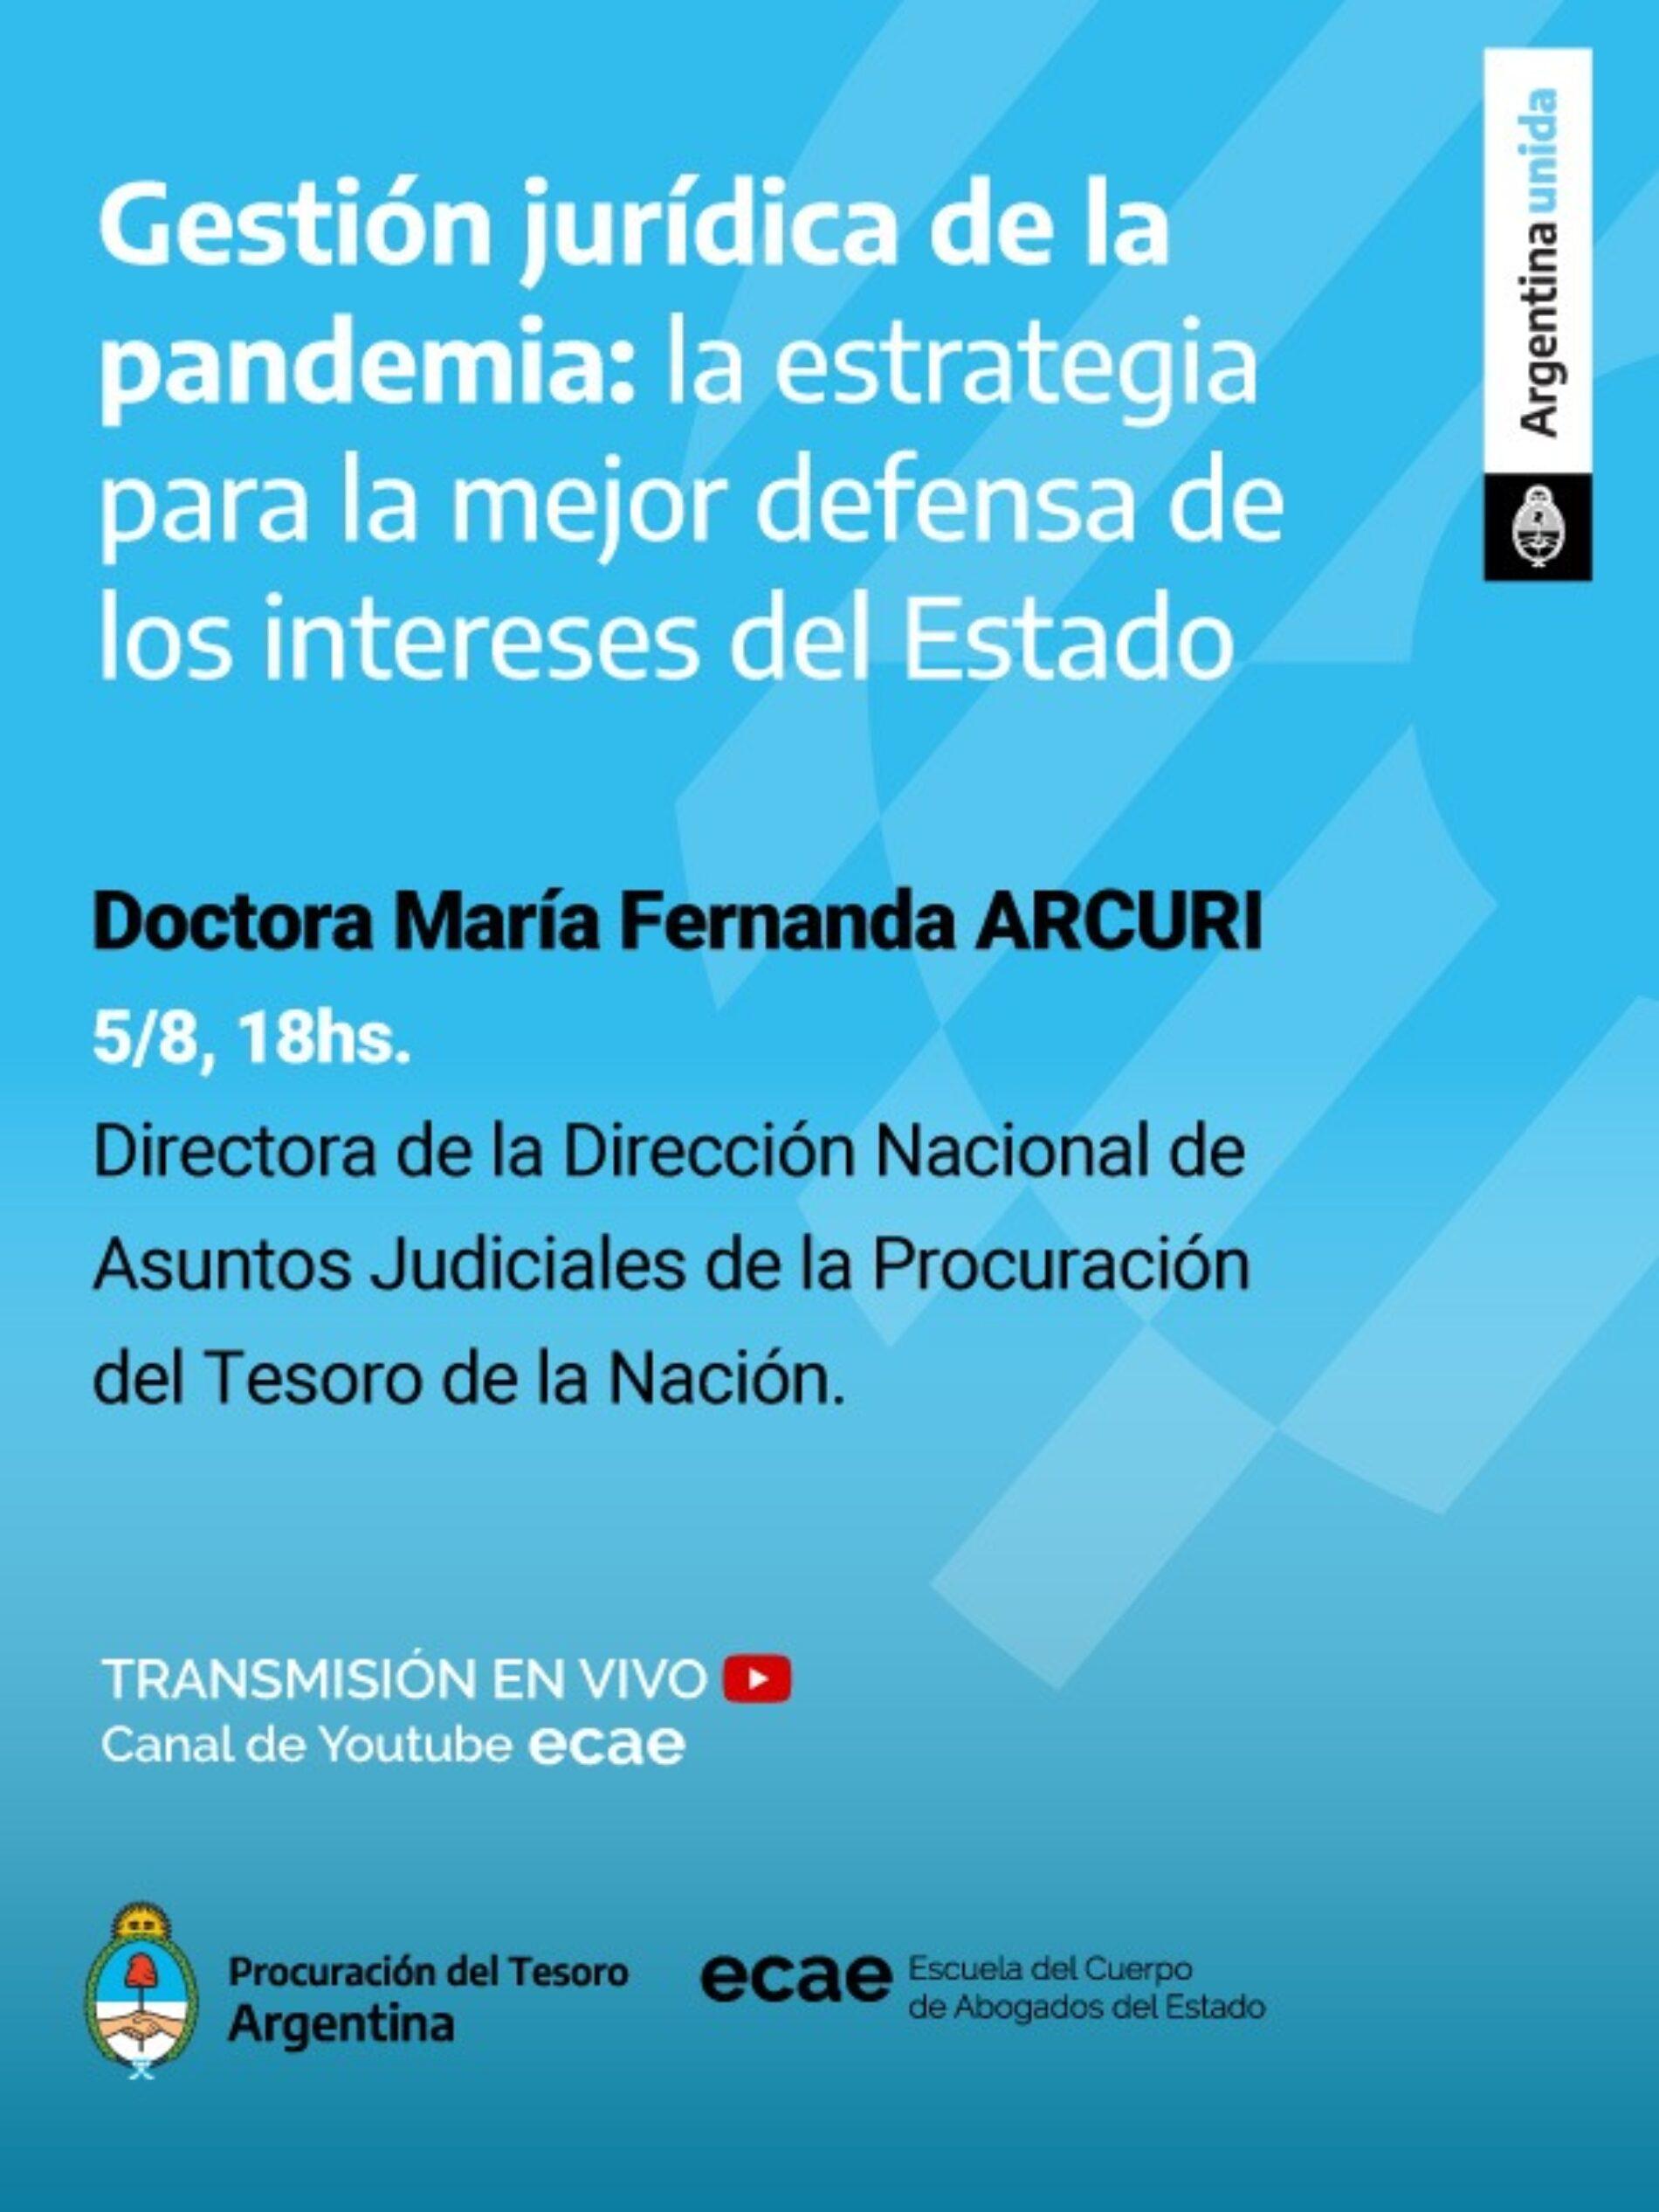 Actividad: Gestión jurídica de la pandemia: la estrategia para la mejor defensa de los intereses del Estado.